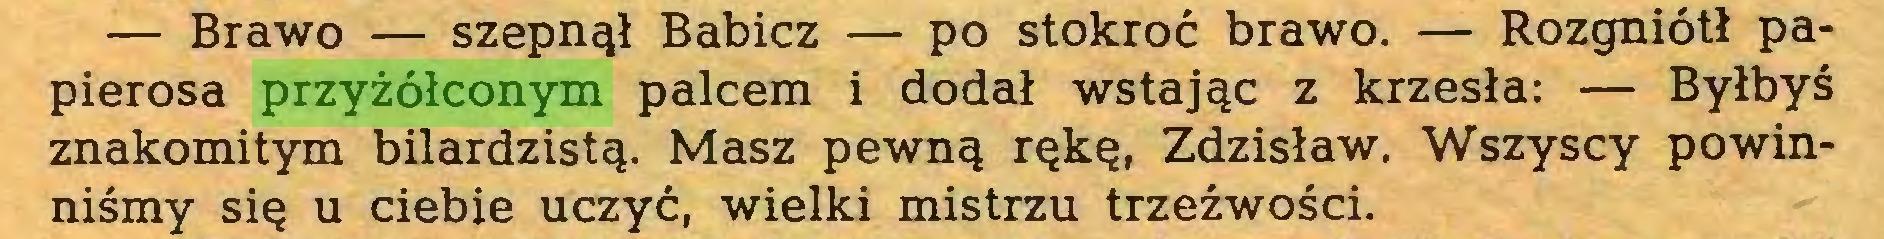 (...) — Brawo — szepnął Babicz — po stokroć brawo. — Rozgniótł papierosa przyżółconym palcem i dodał wstając z krzesła: — Byłbyś znakomitym bilardzistą. Masz pewną rękę, Zdzisław. Wszyscy powinniśmy się u ciebie uczyć, wielki mistrzu trzeźwości...